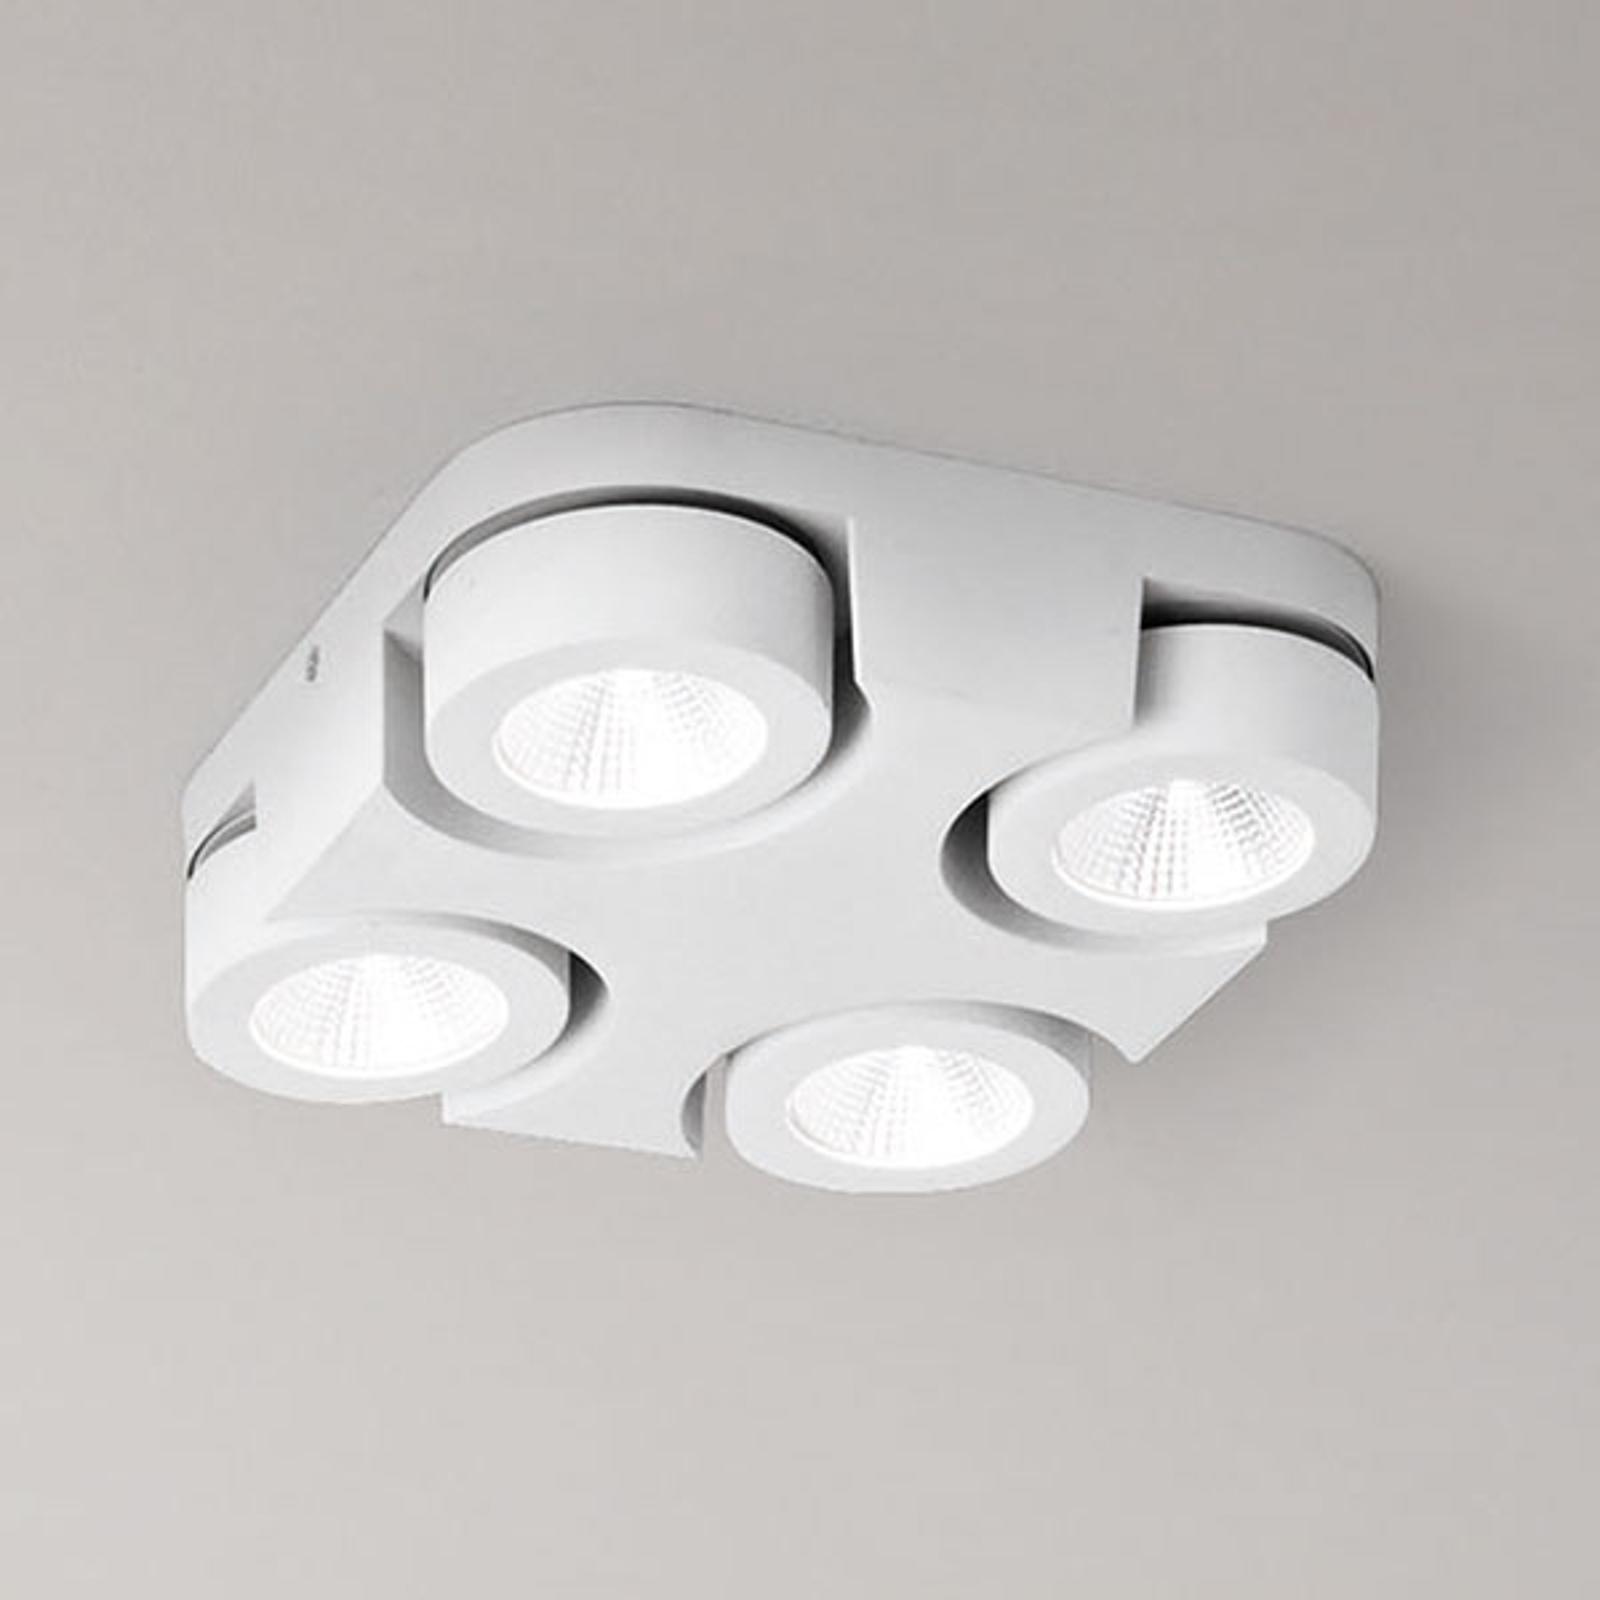 Quadratische LED-Deckenleuchte Hella